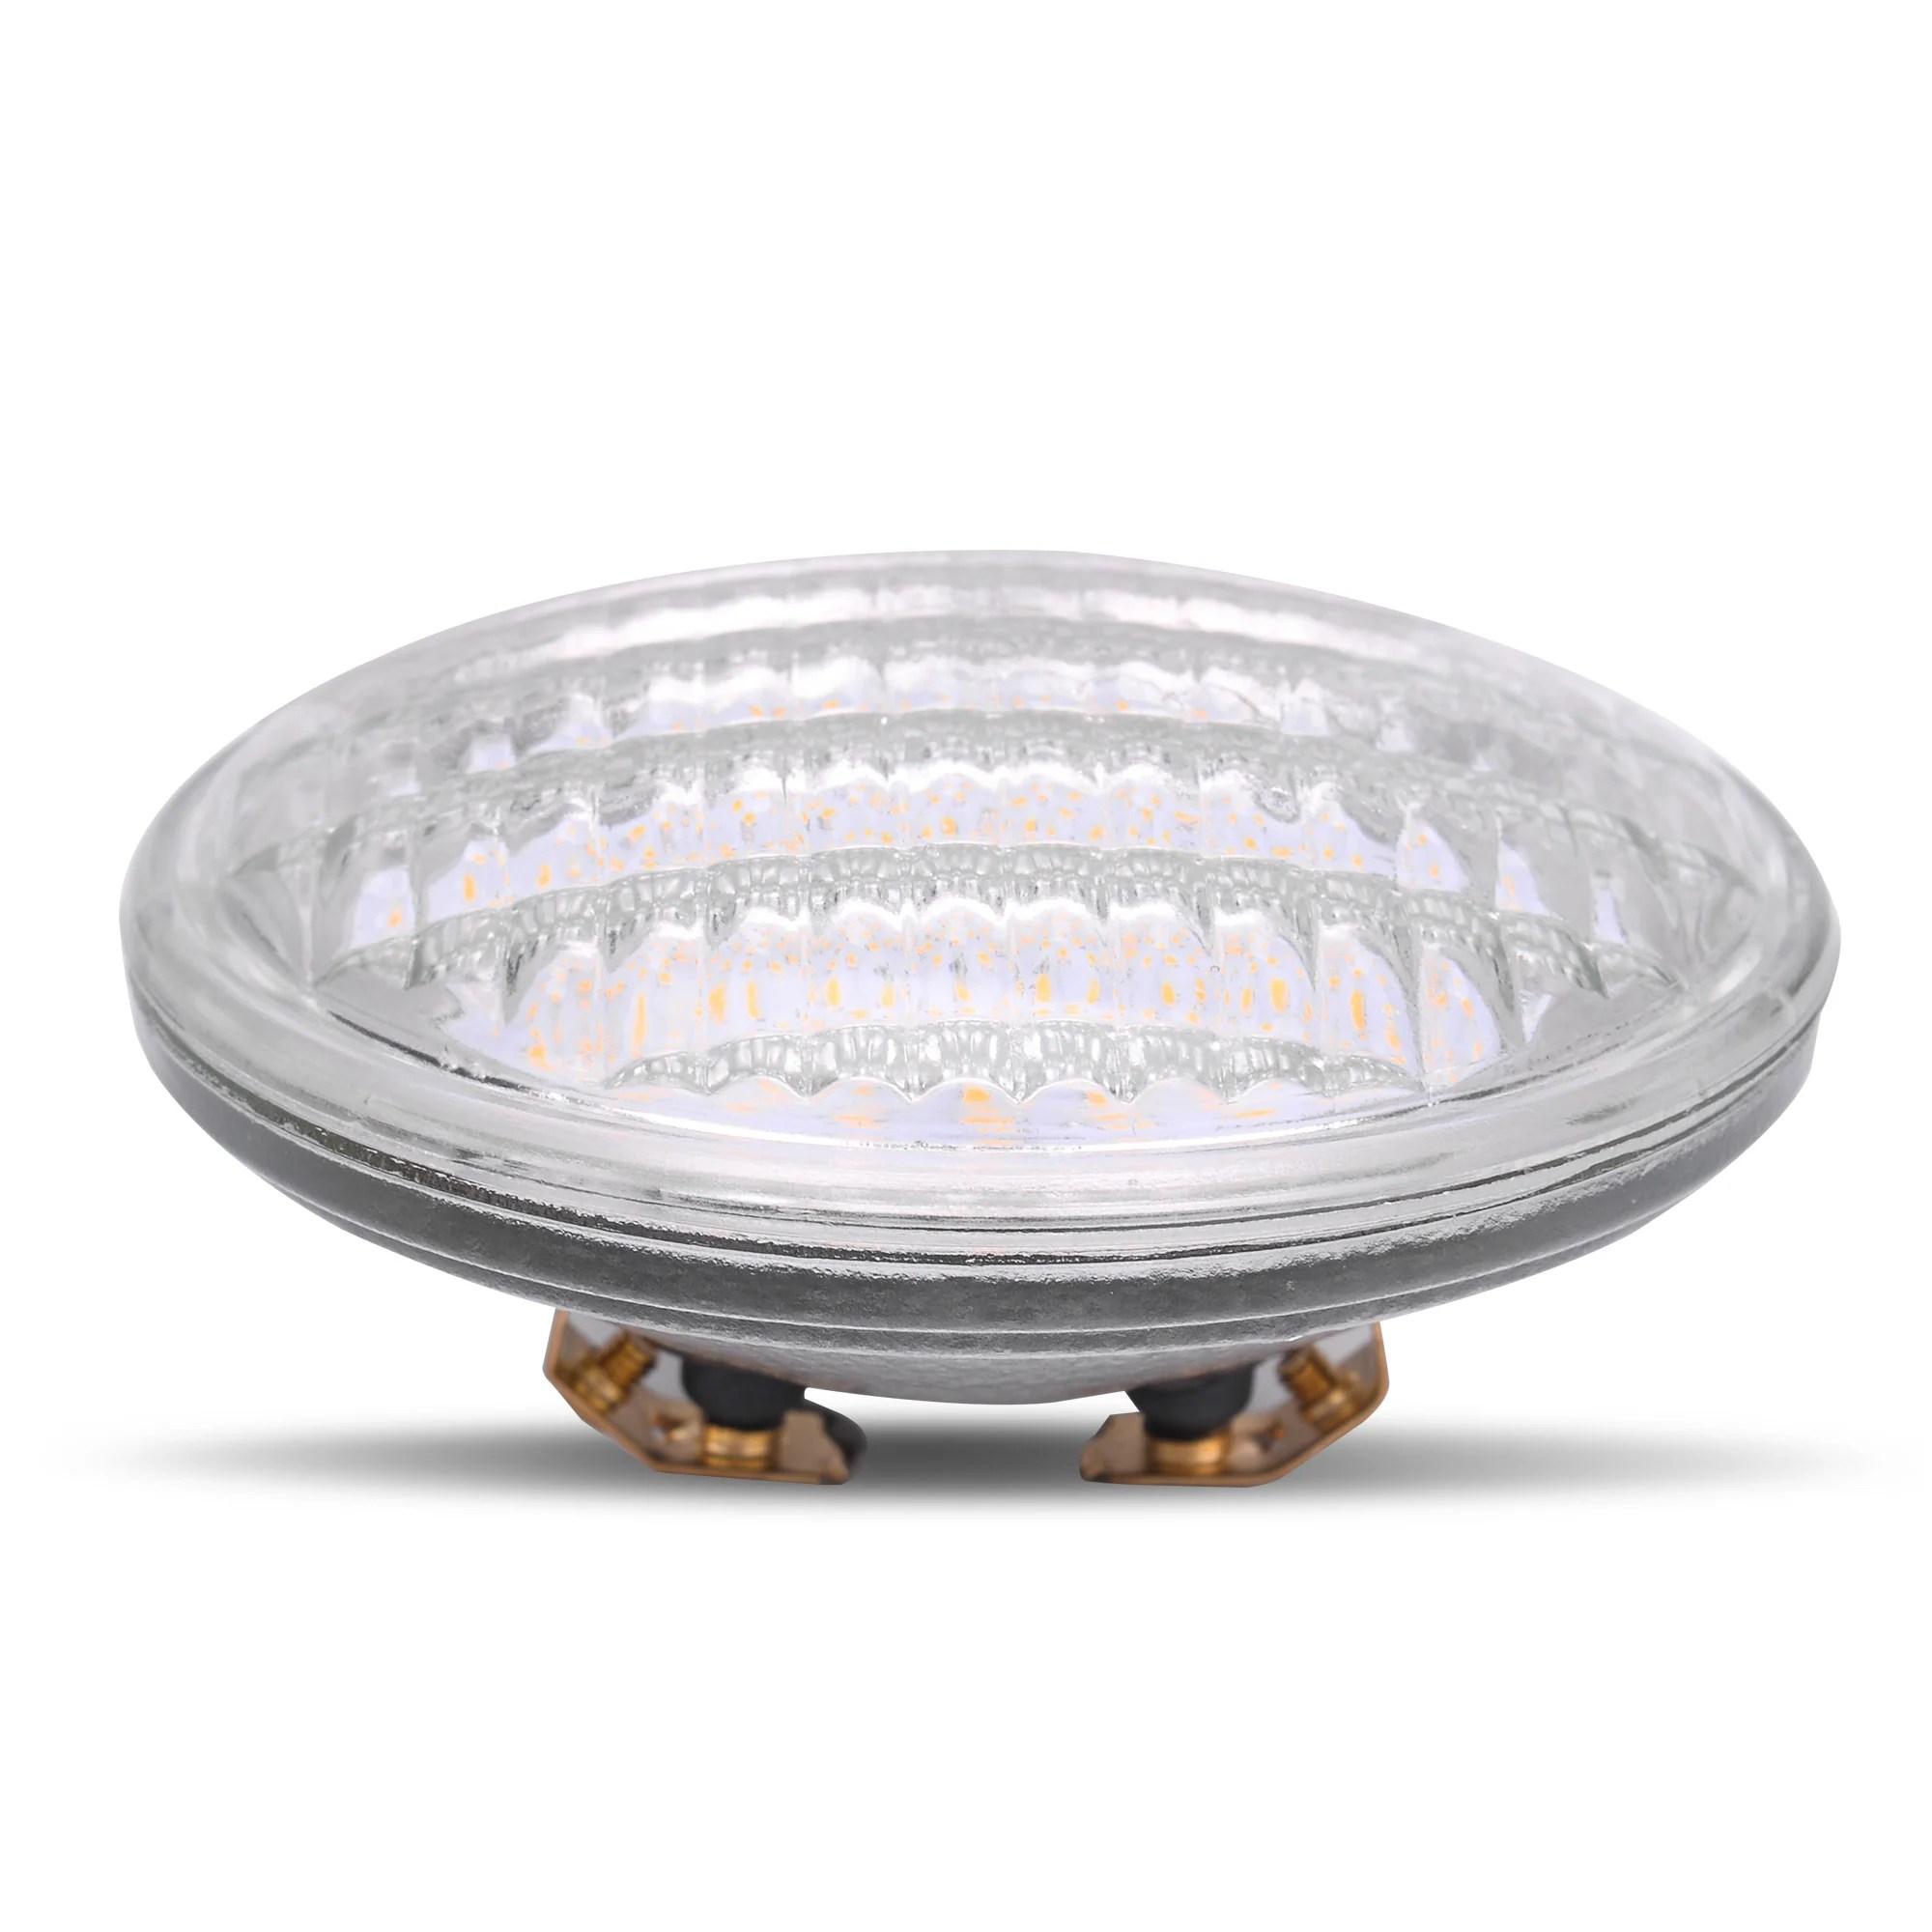 par36 ac dc 12 volt ar111 12 watt led replacement light bulb landscape lamp [ 2000 x 2000 Pixel ]